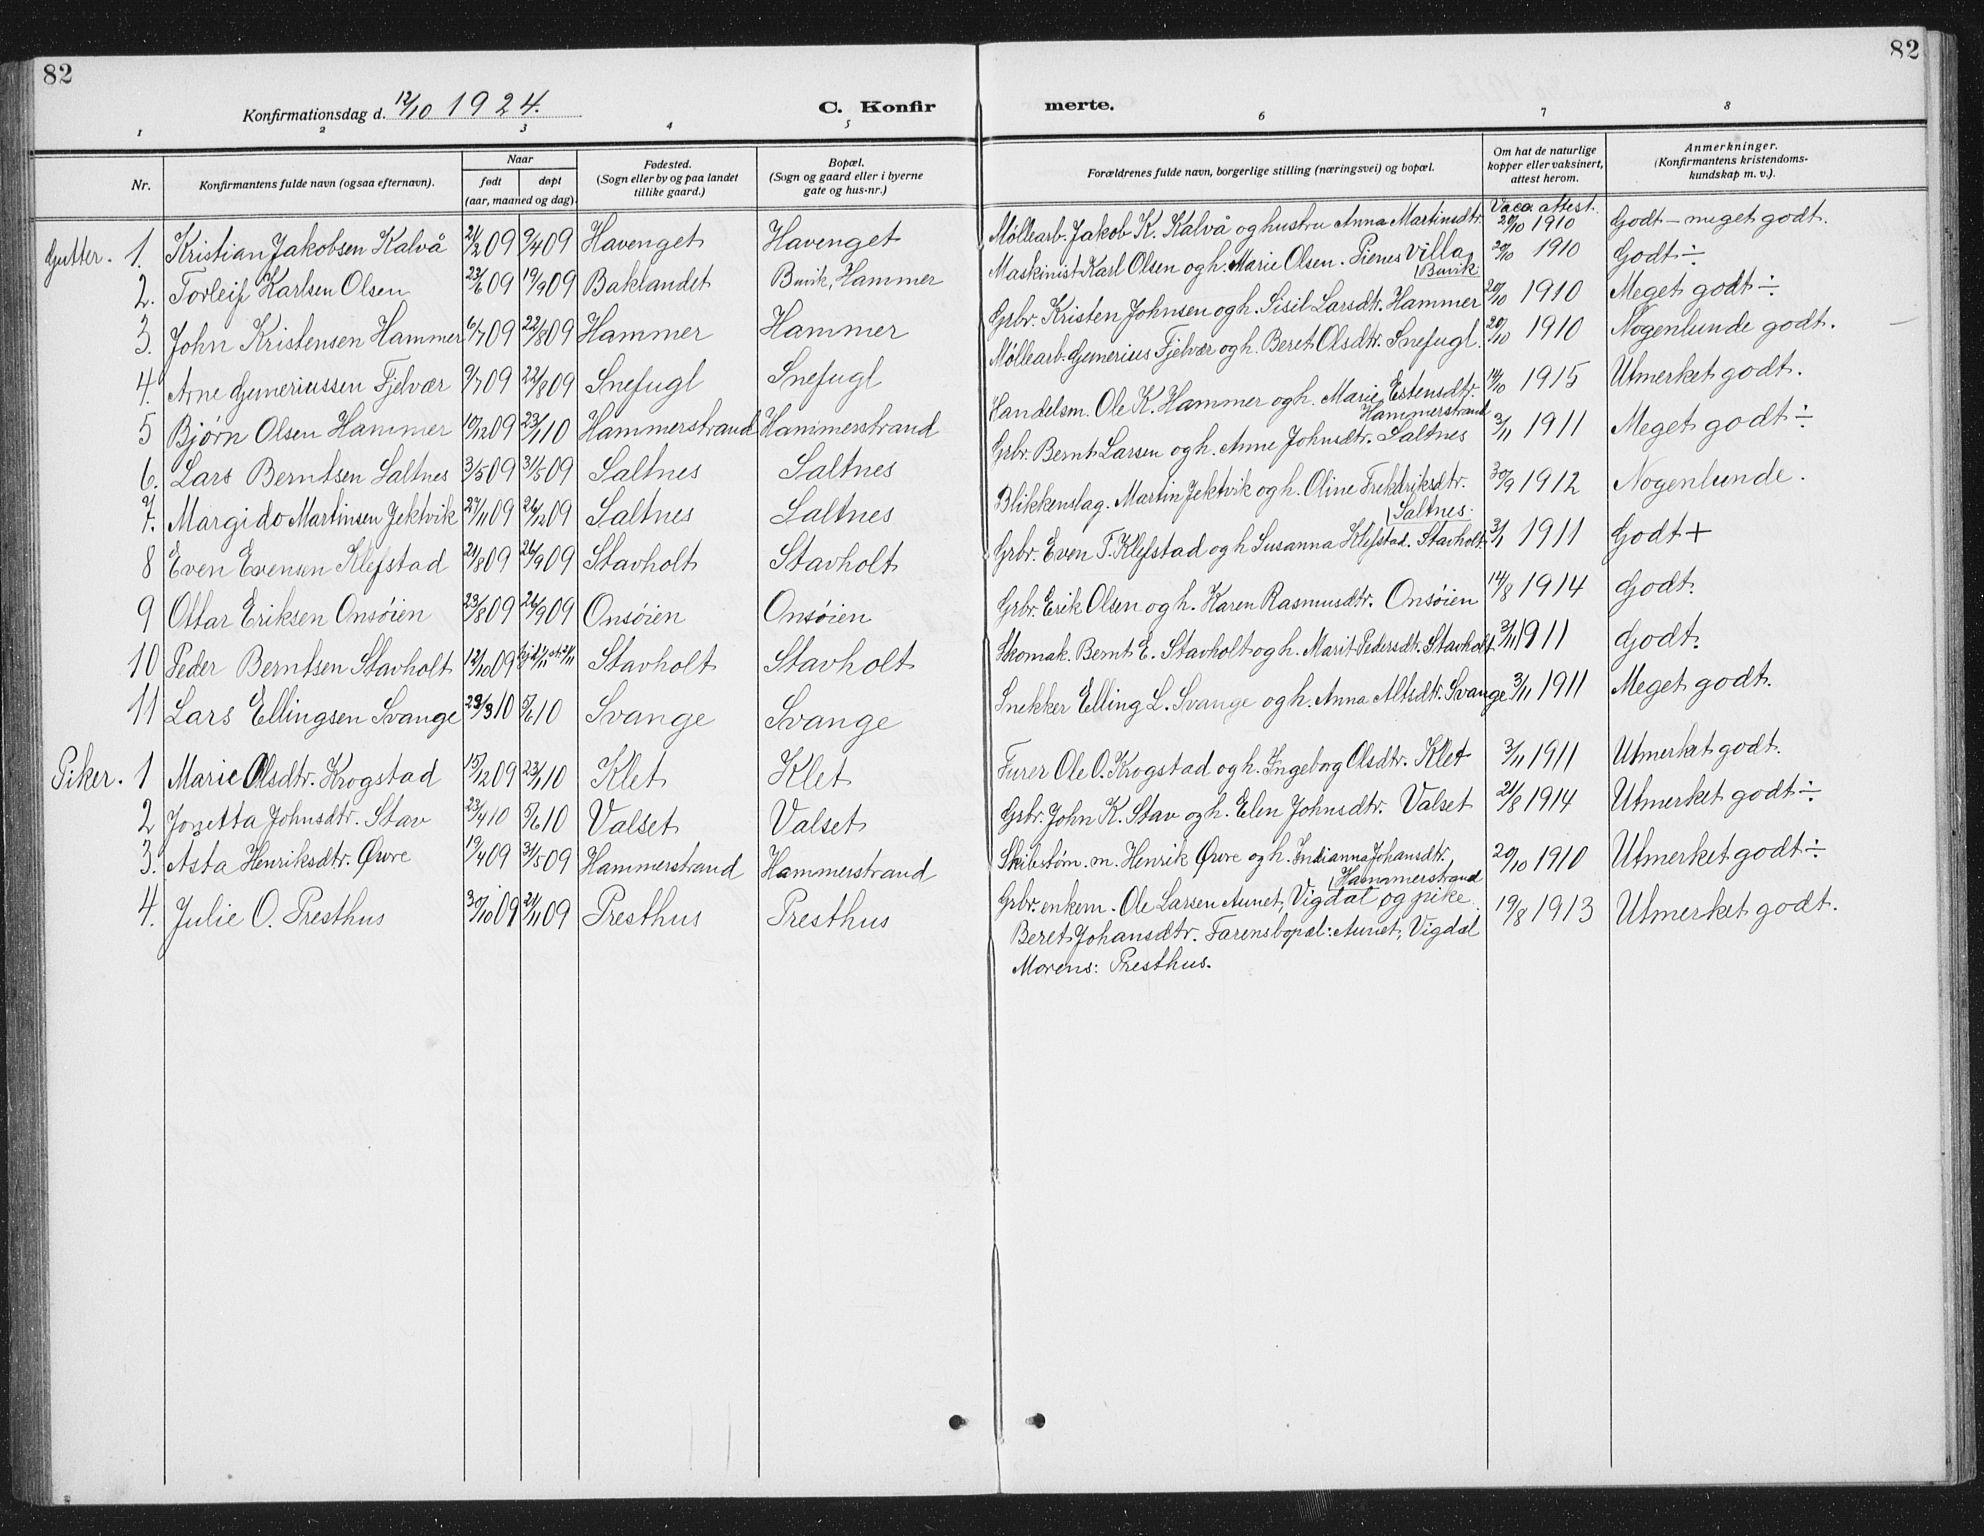 SAT, Ministerialprotokoller, klokkerbøker og fødselsregistre - Sør-Trøndelag, 666/L0791: Klokkerbok nr. 666C04, 1909-1939, s. 82